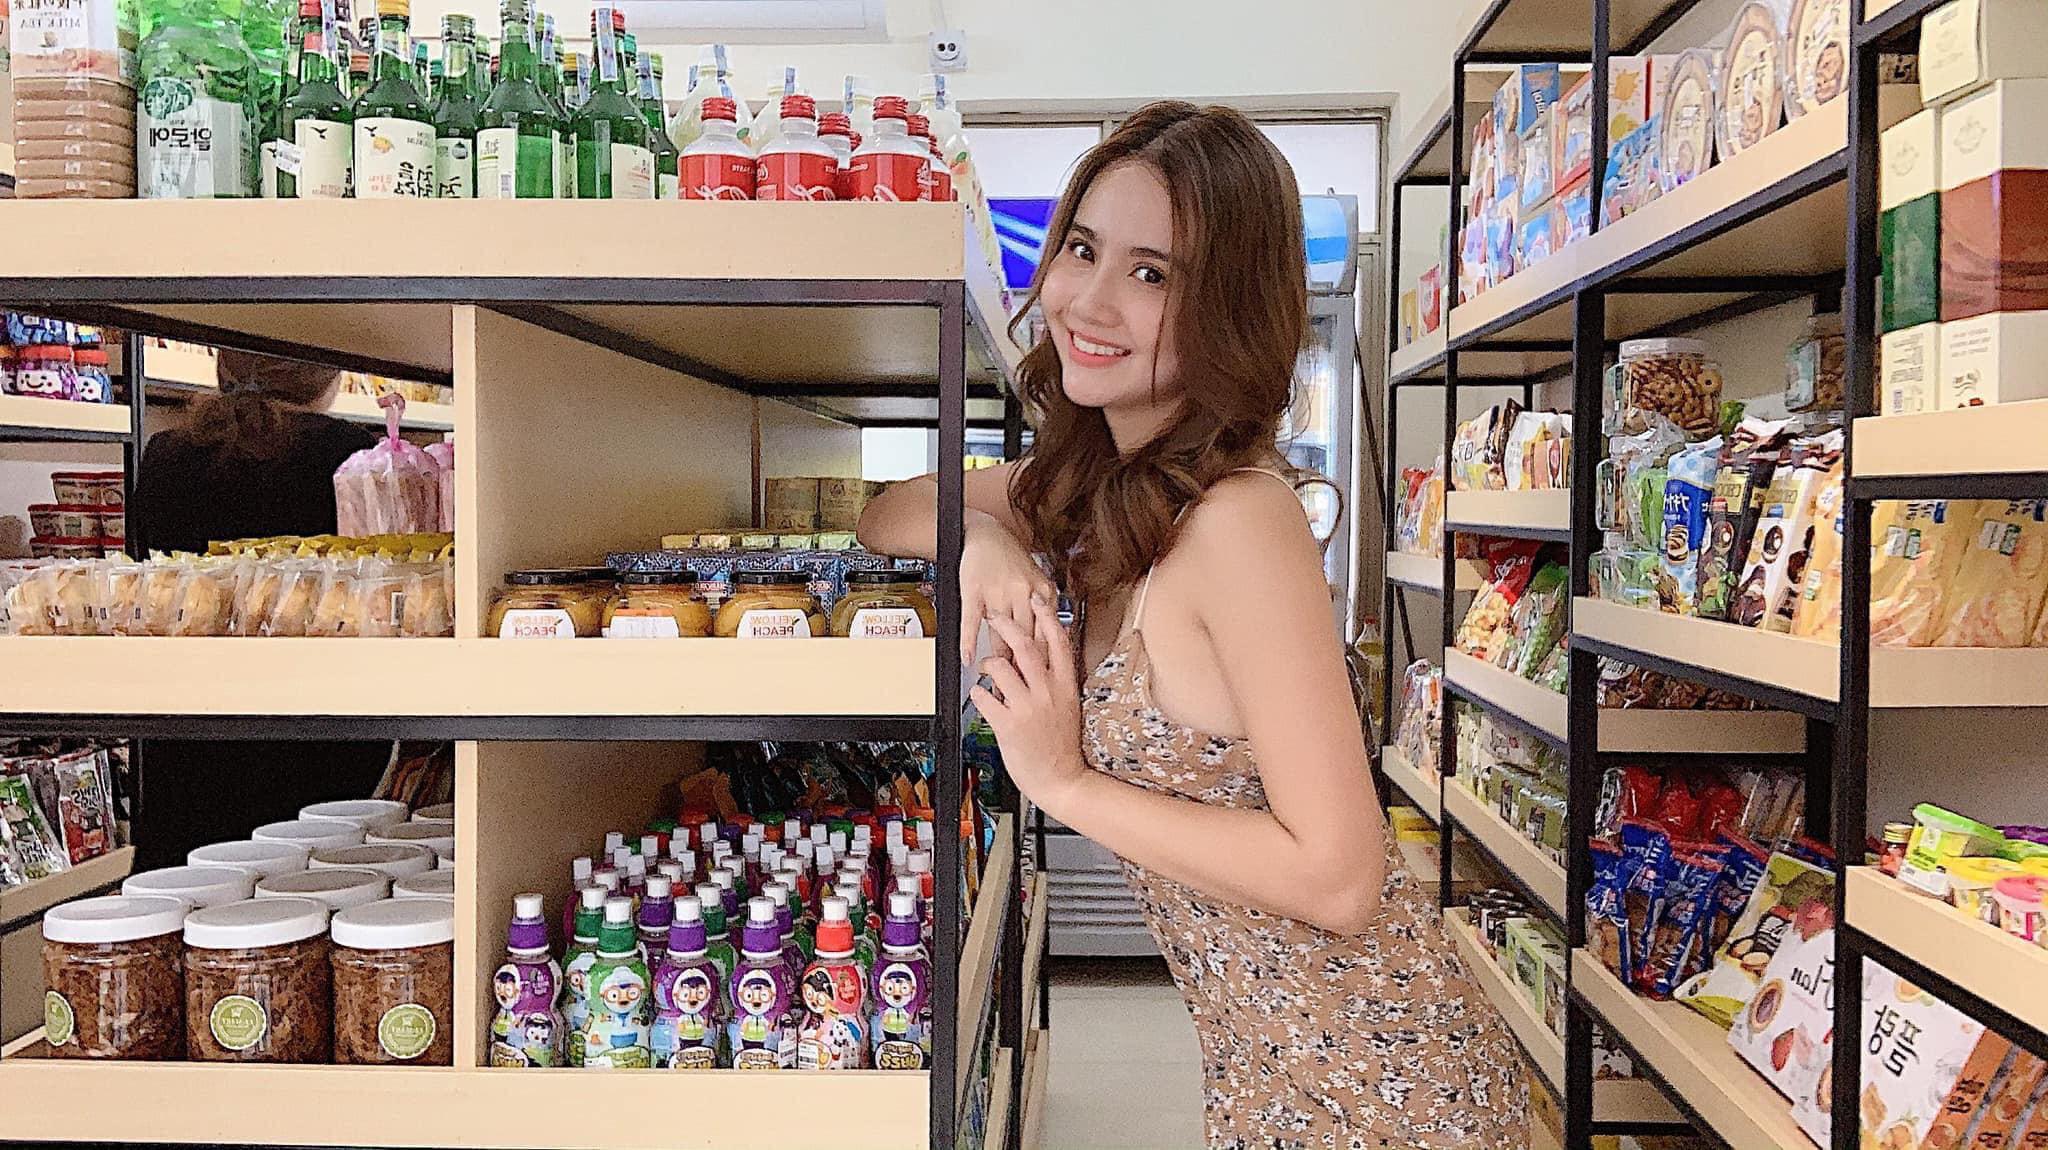 Phong cách thời trang cực gợi cảm của nữ giám khảo cuộc thi hoa hậu chui - Hình 2